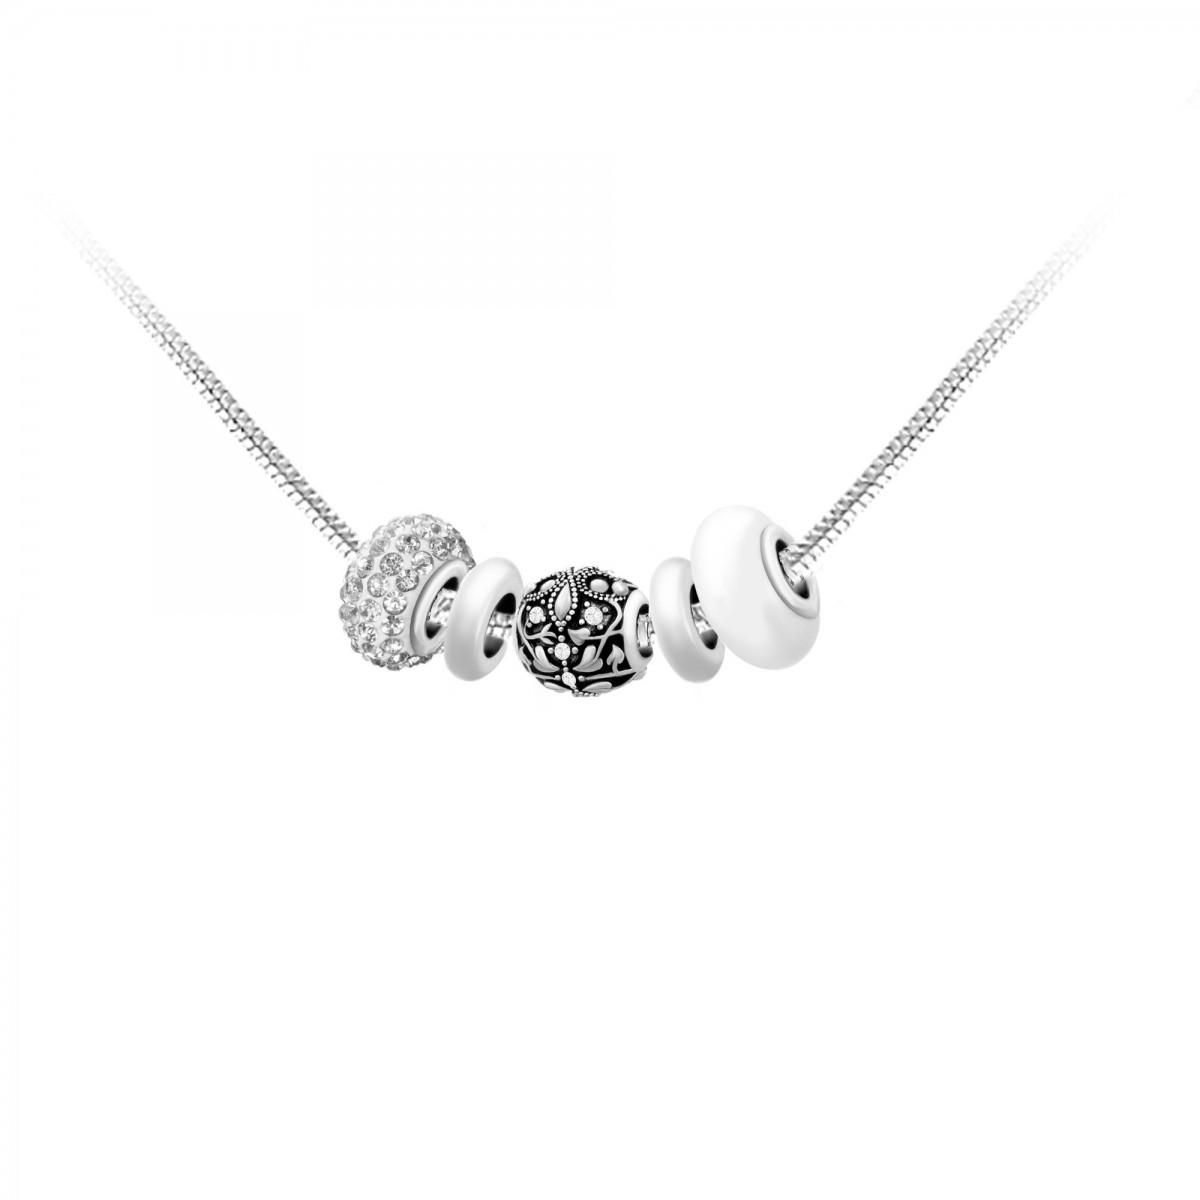 en ligne à la vente dernière mode boutique de sortie Collier de charms perles blancs et acier So Charm